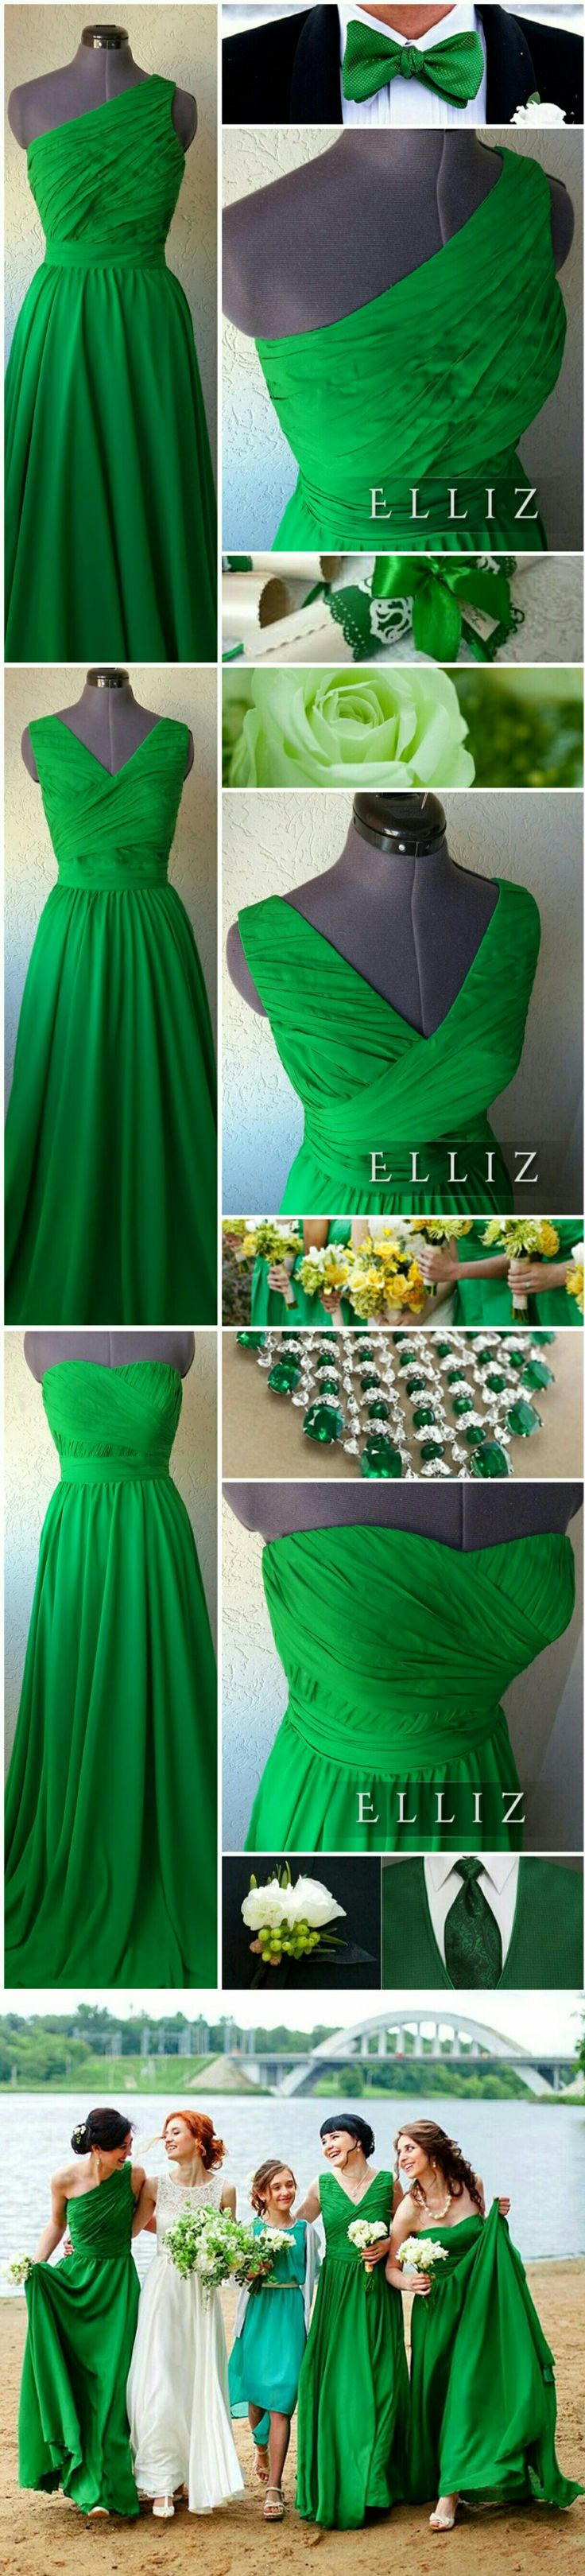 Платье подружки невесты. Изумрудное платье. Подружка невесты . Подружки. Зеленая свадьба. Зеленое платье. #изумруд #свадьба #шью #подружканевестыи#bridesmaids